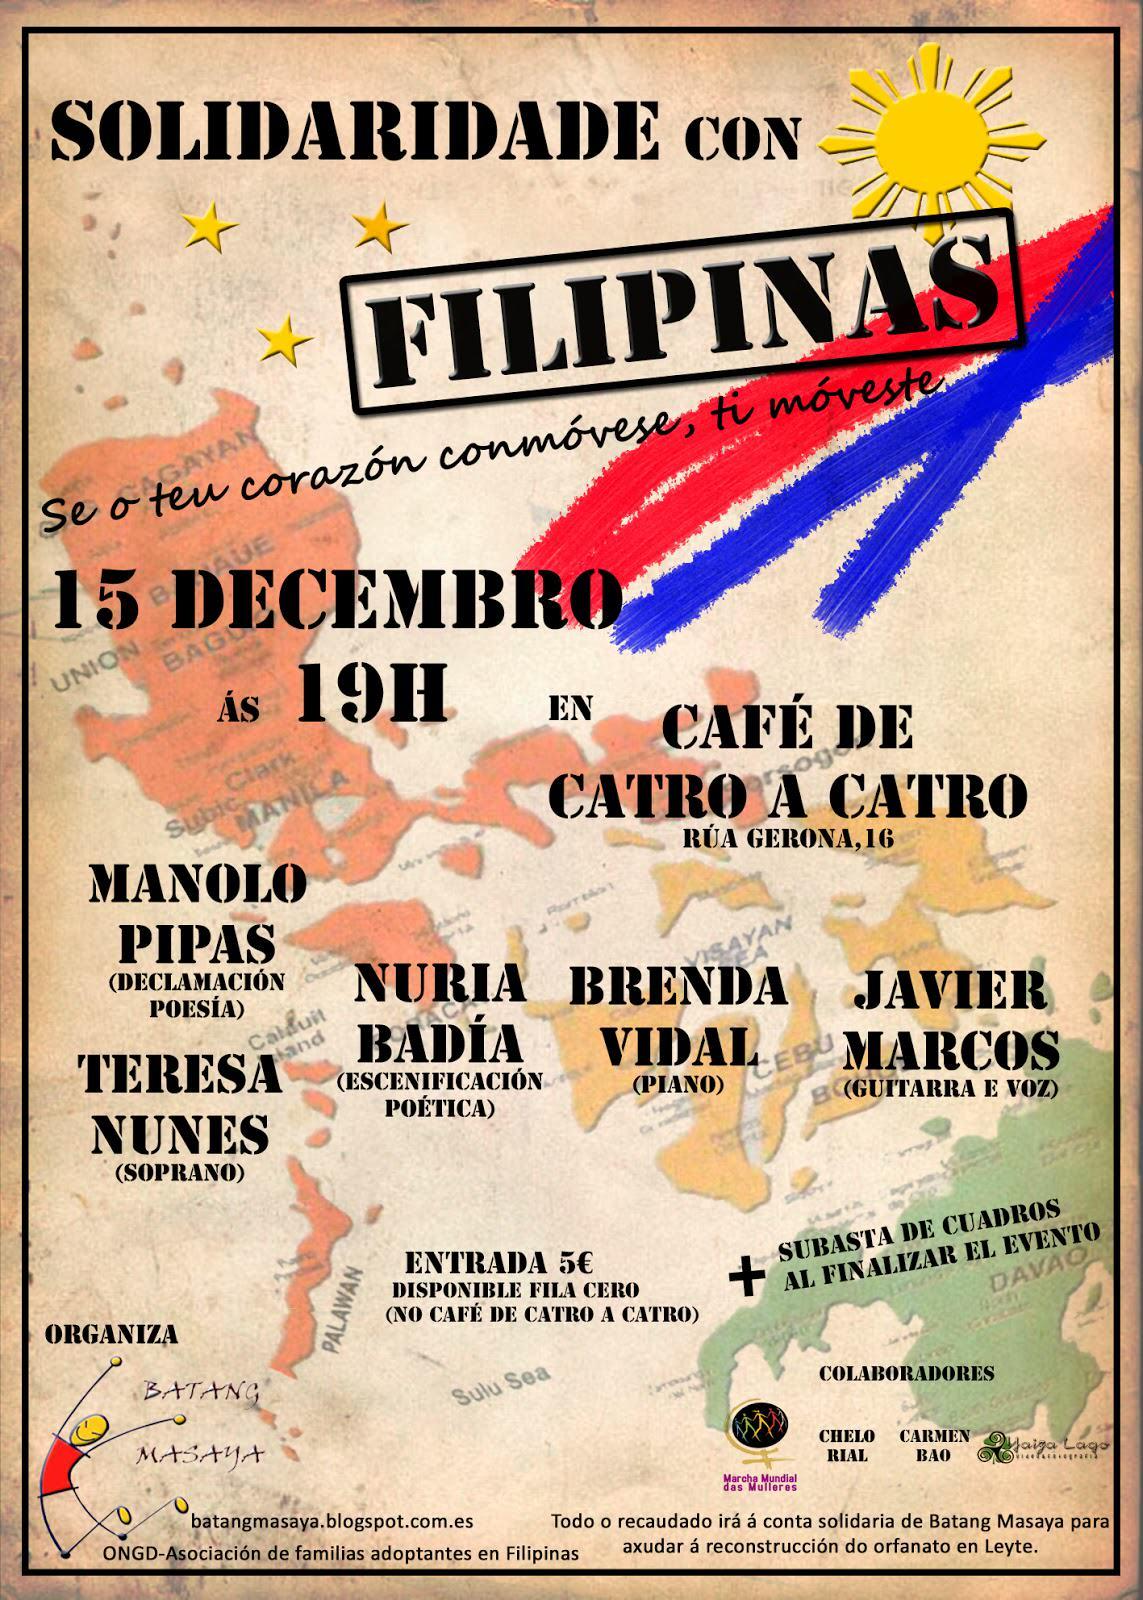 Acto solidario a favor de Filipinas